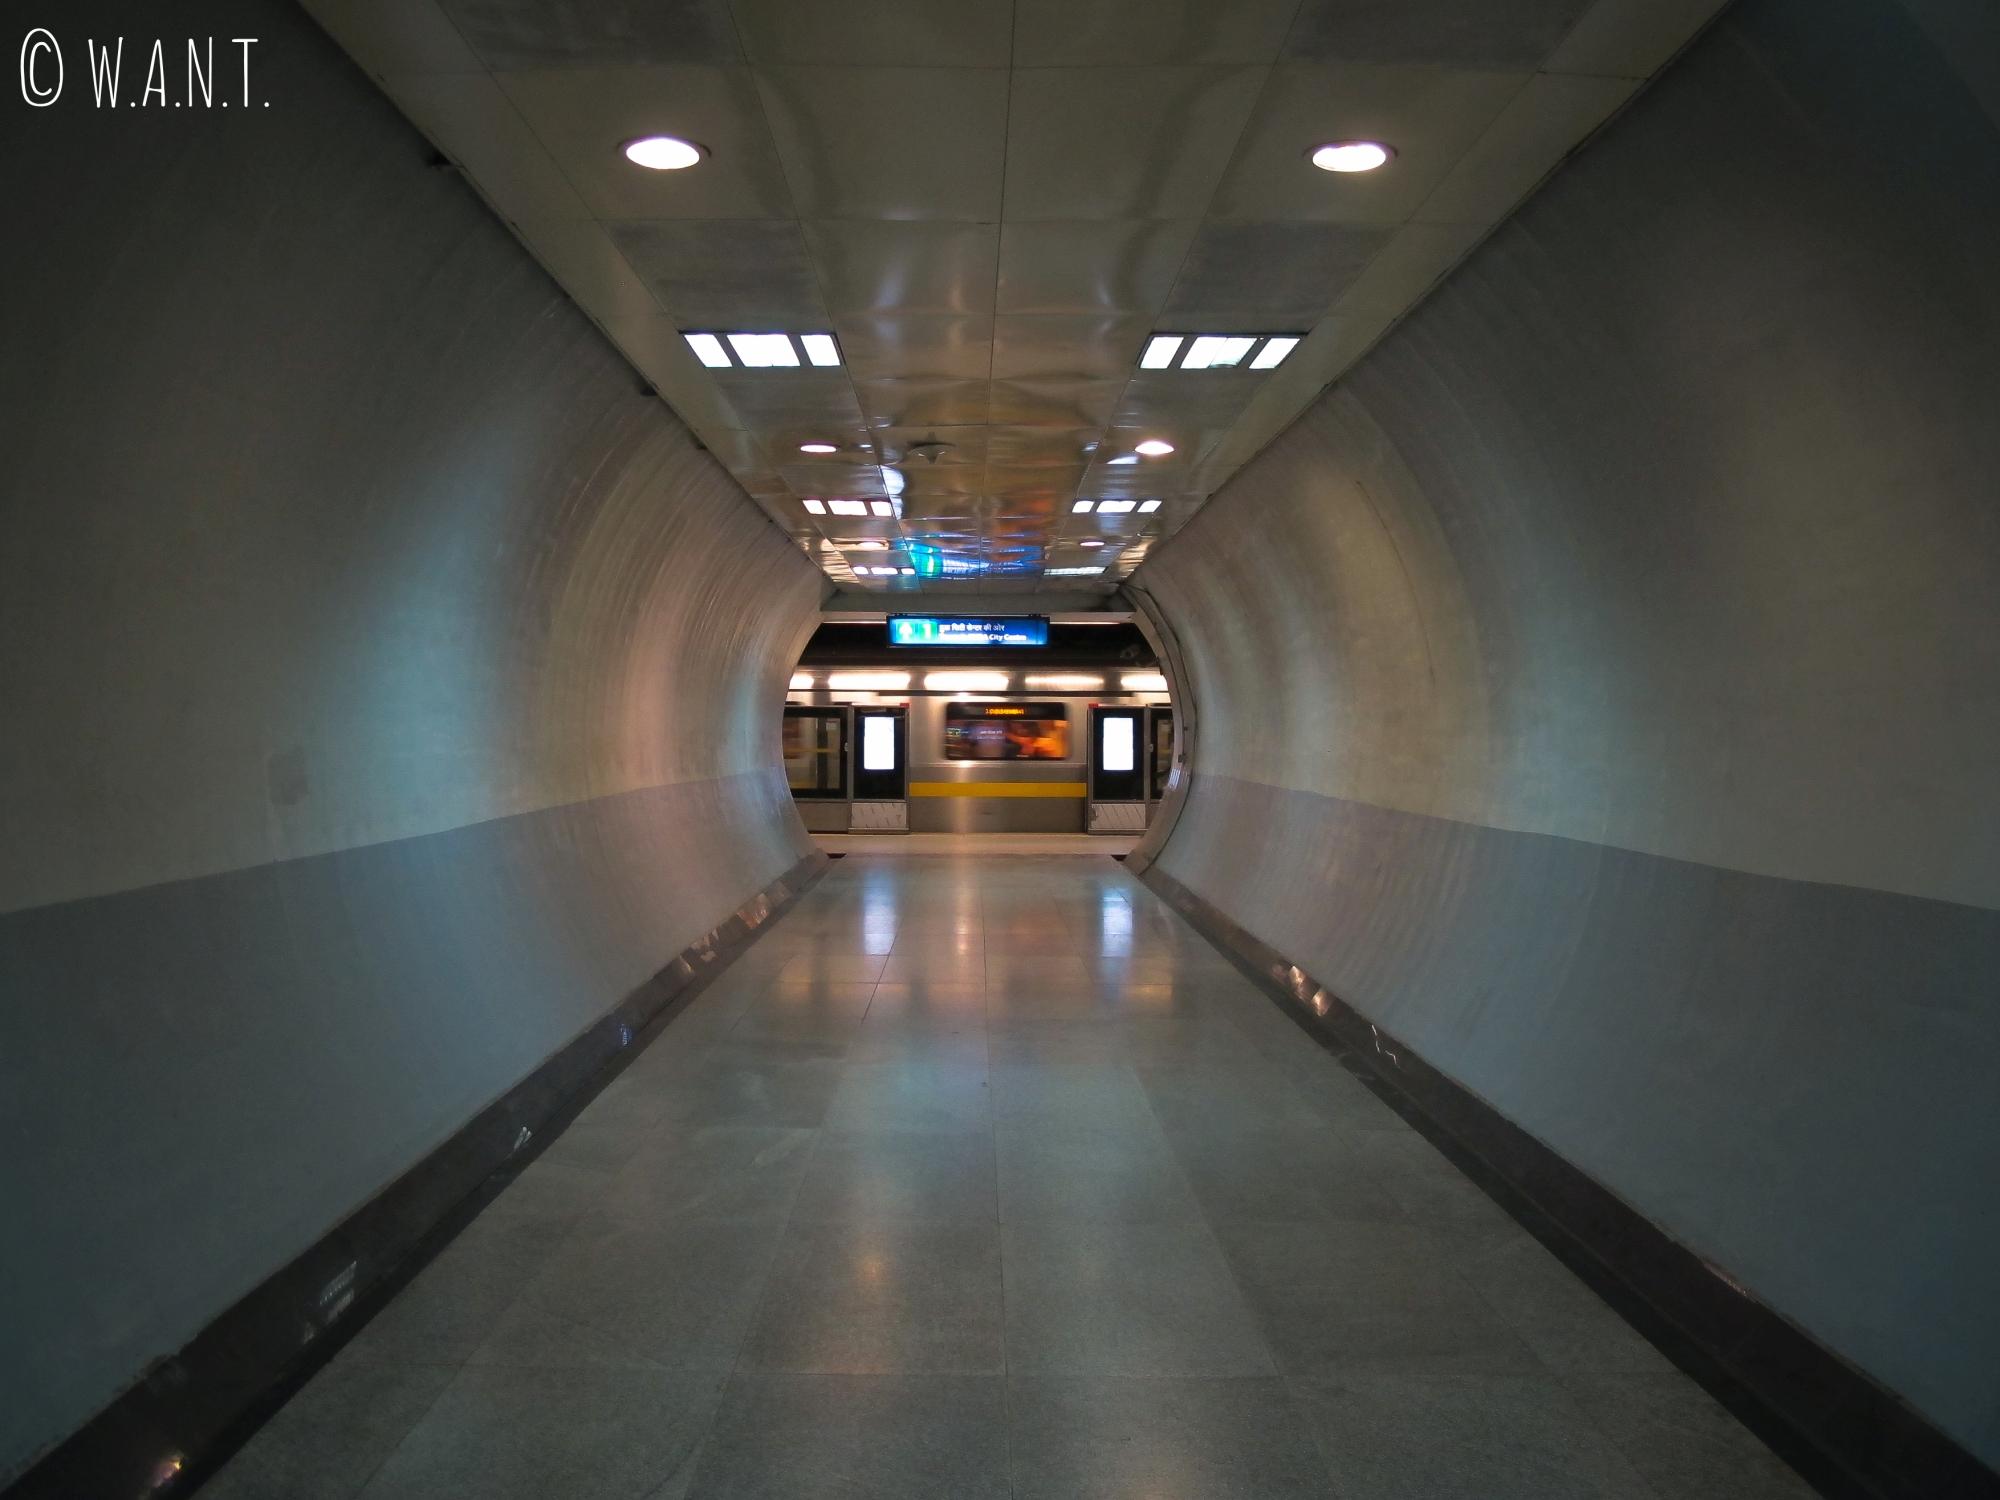 Le métro de Delhi est un moyen rapide pour se déplacer dans la ville